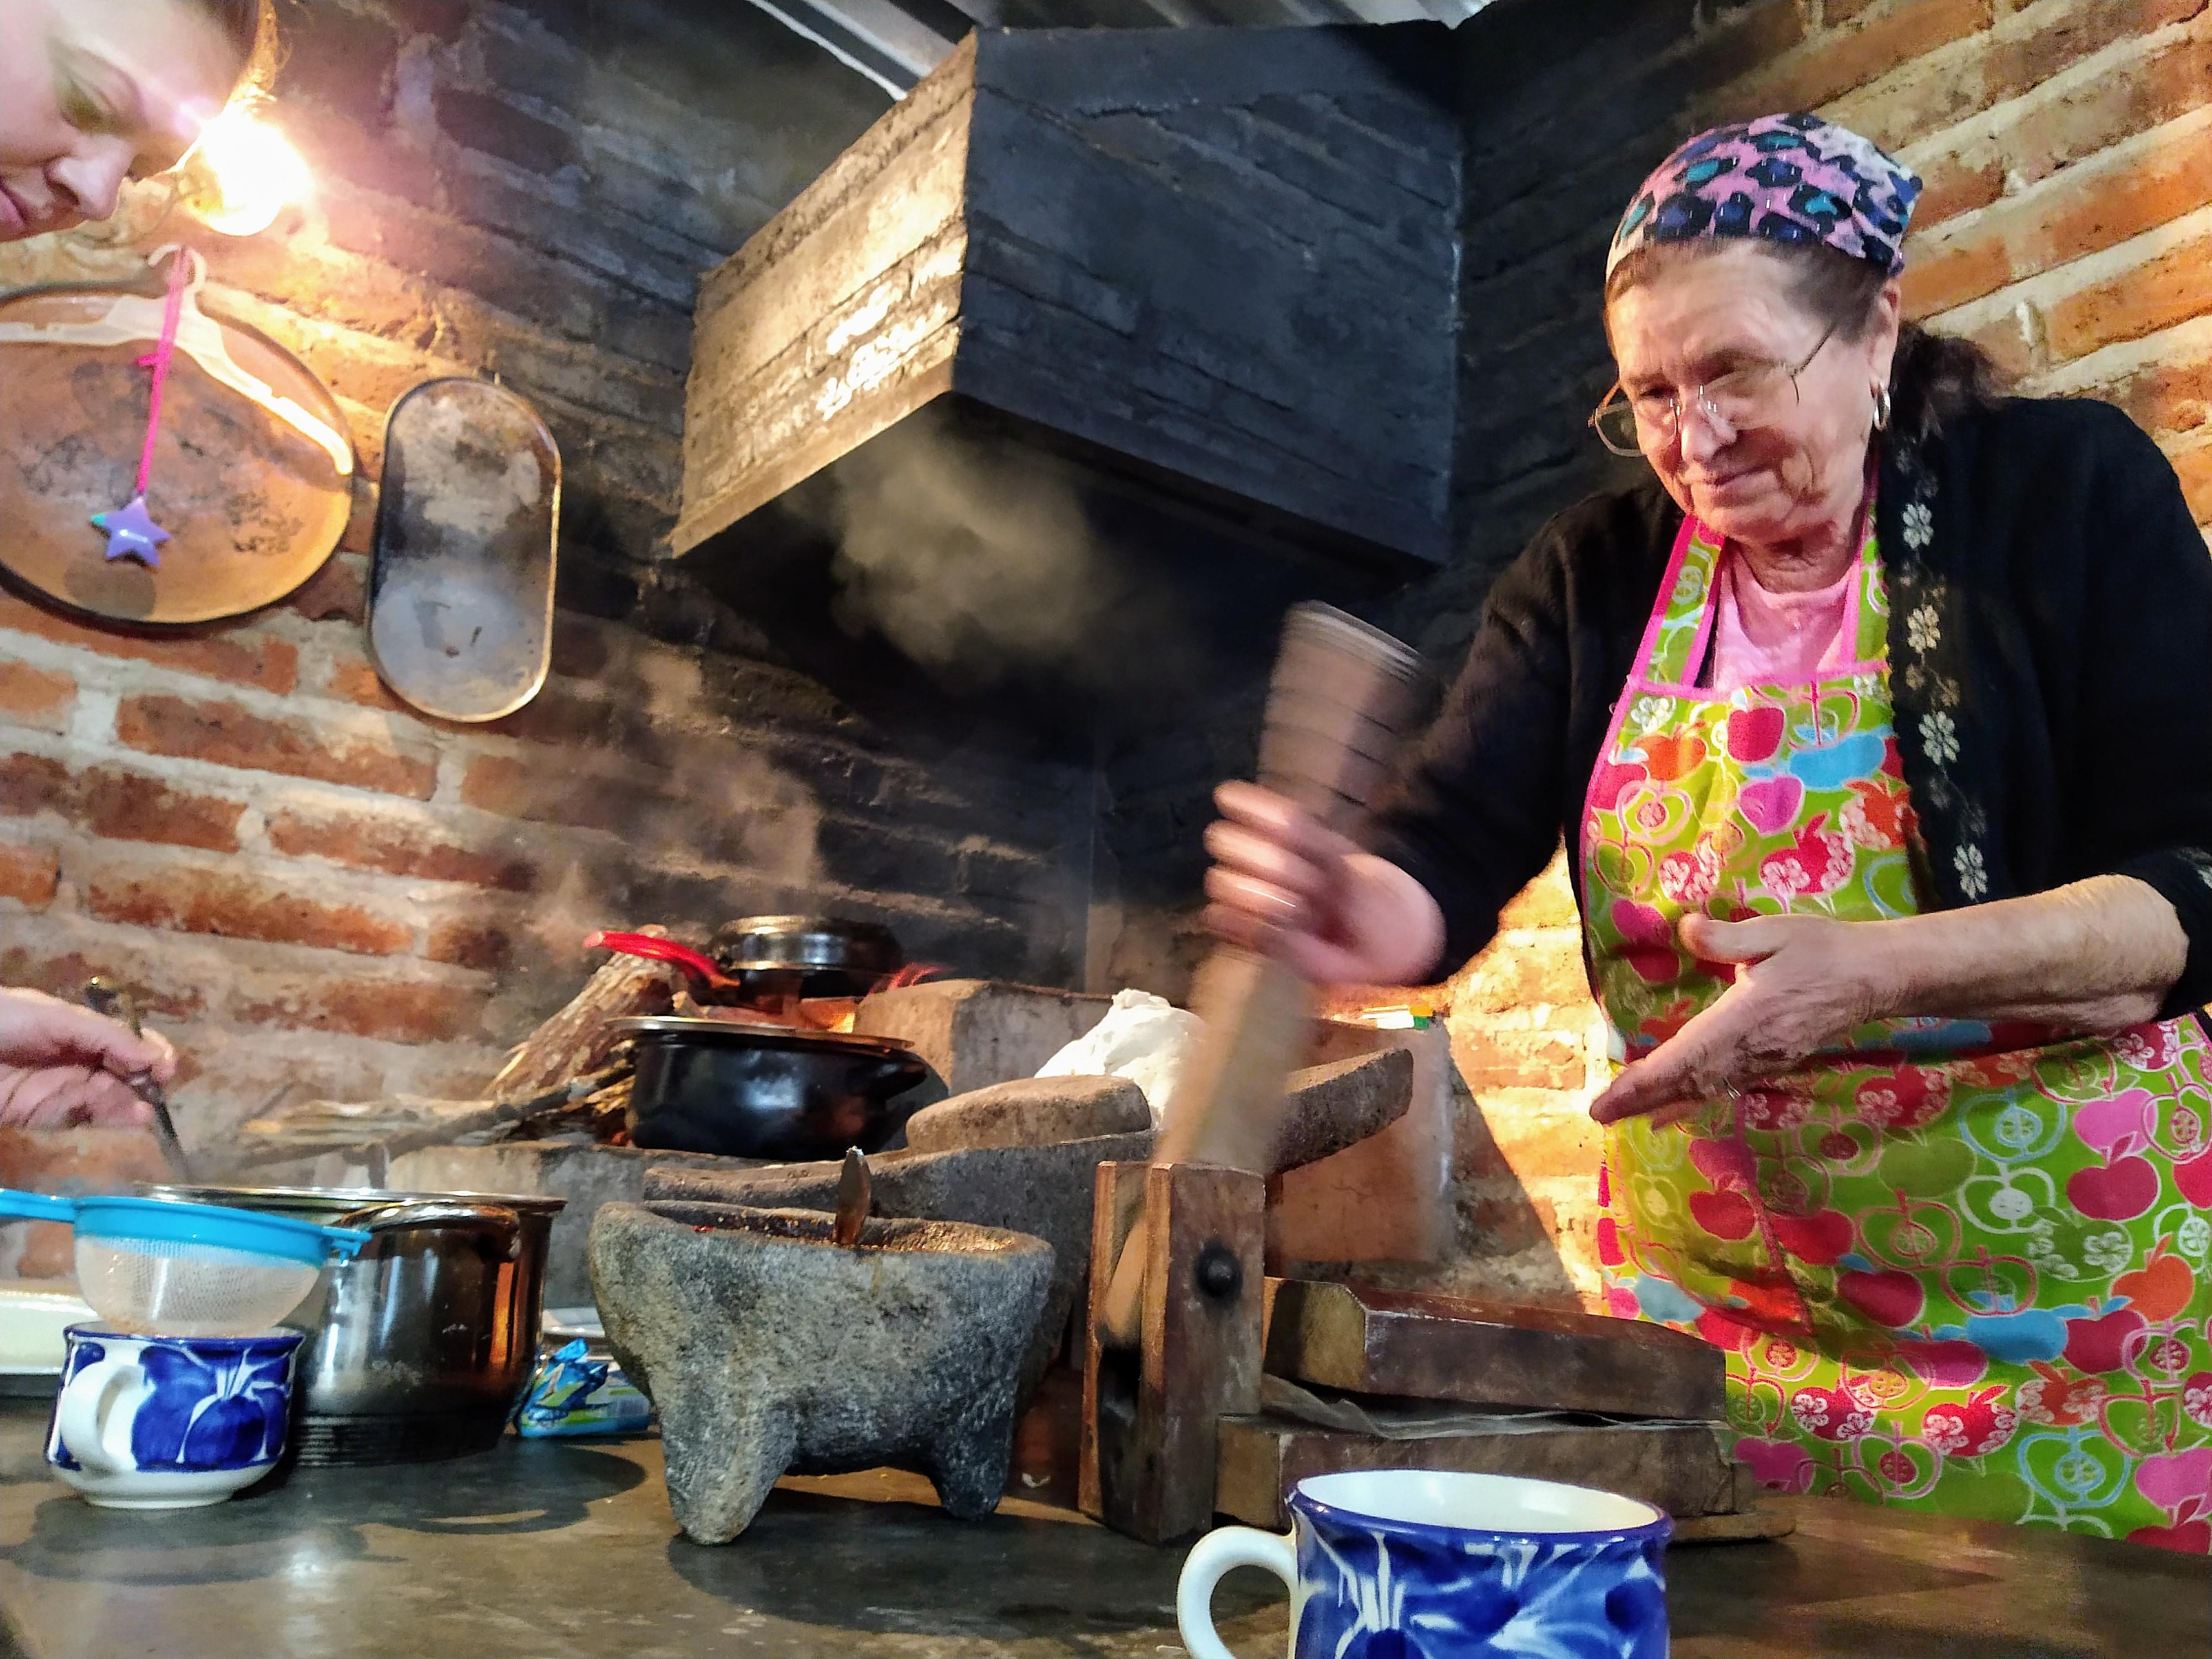 100 abuelitos crearon un libro de recetas tradicionales ¡Felicidades!